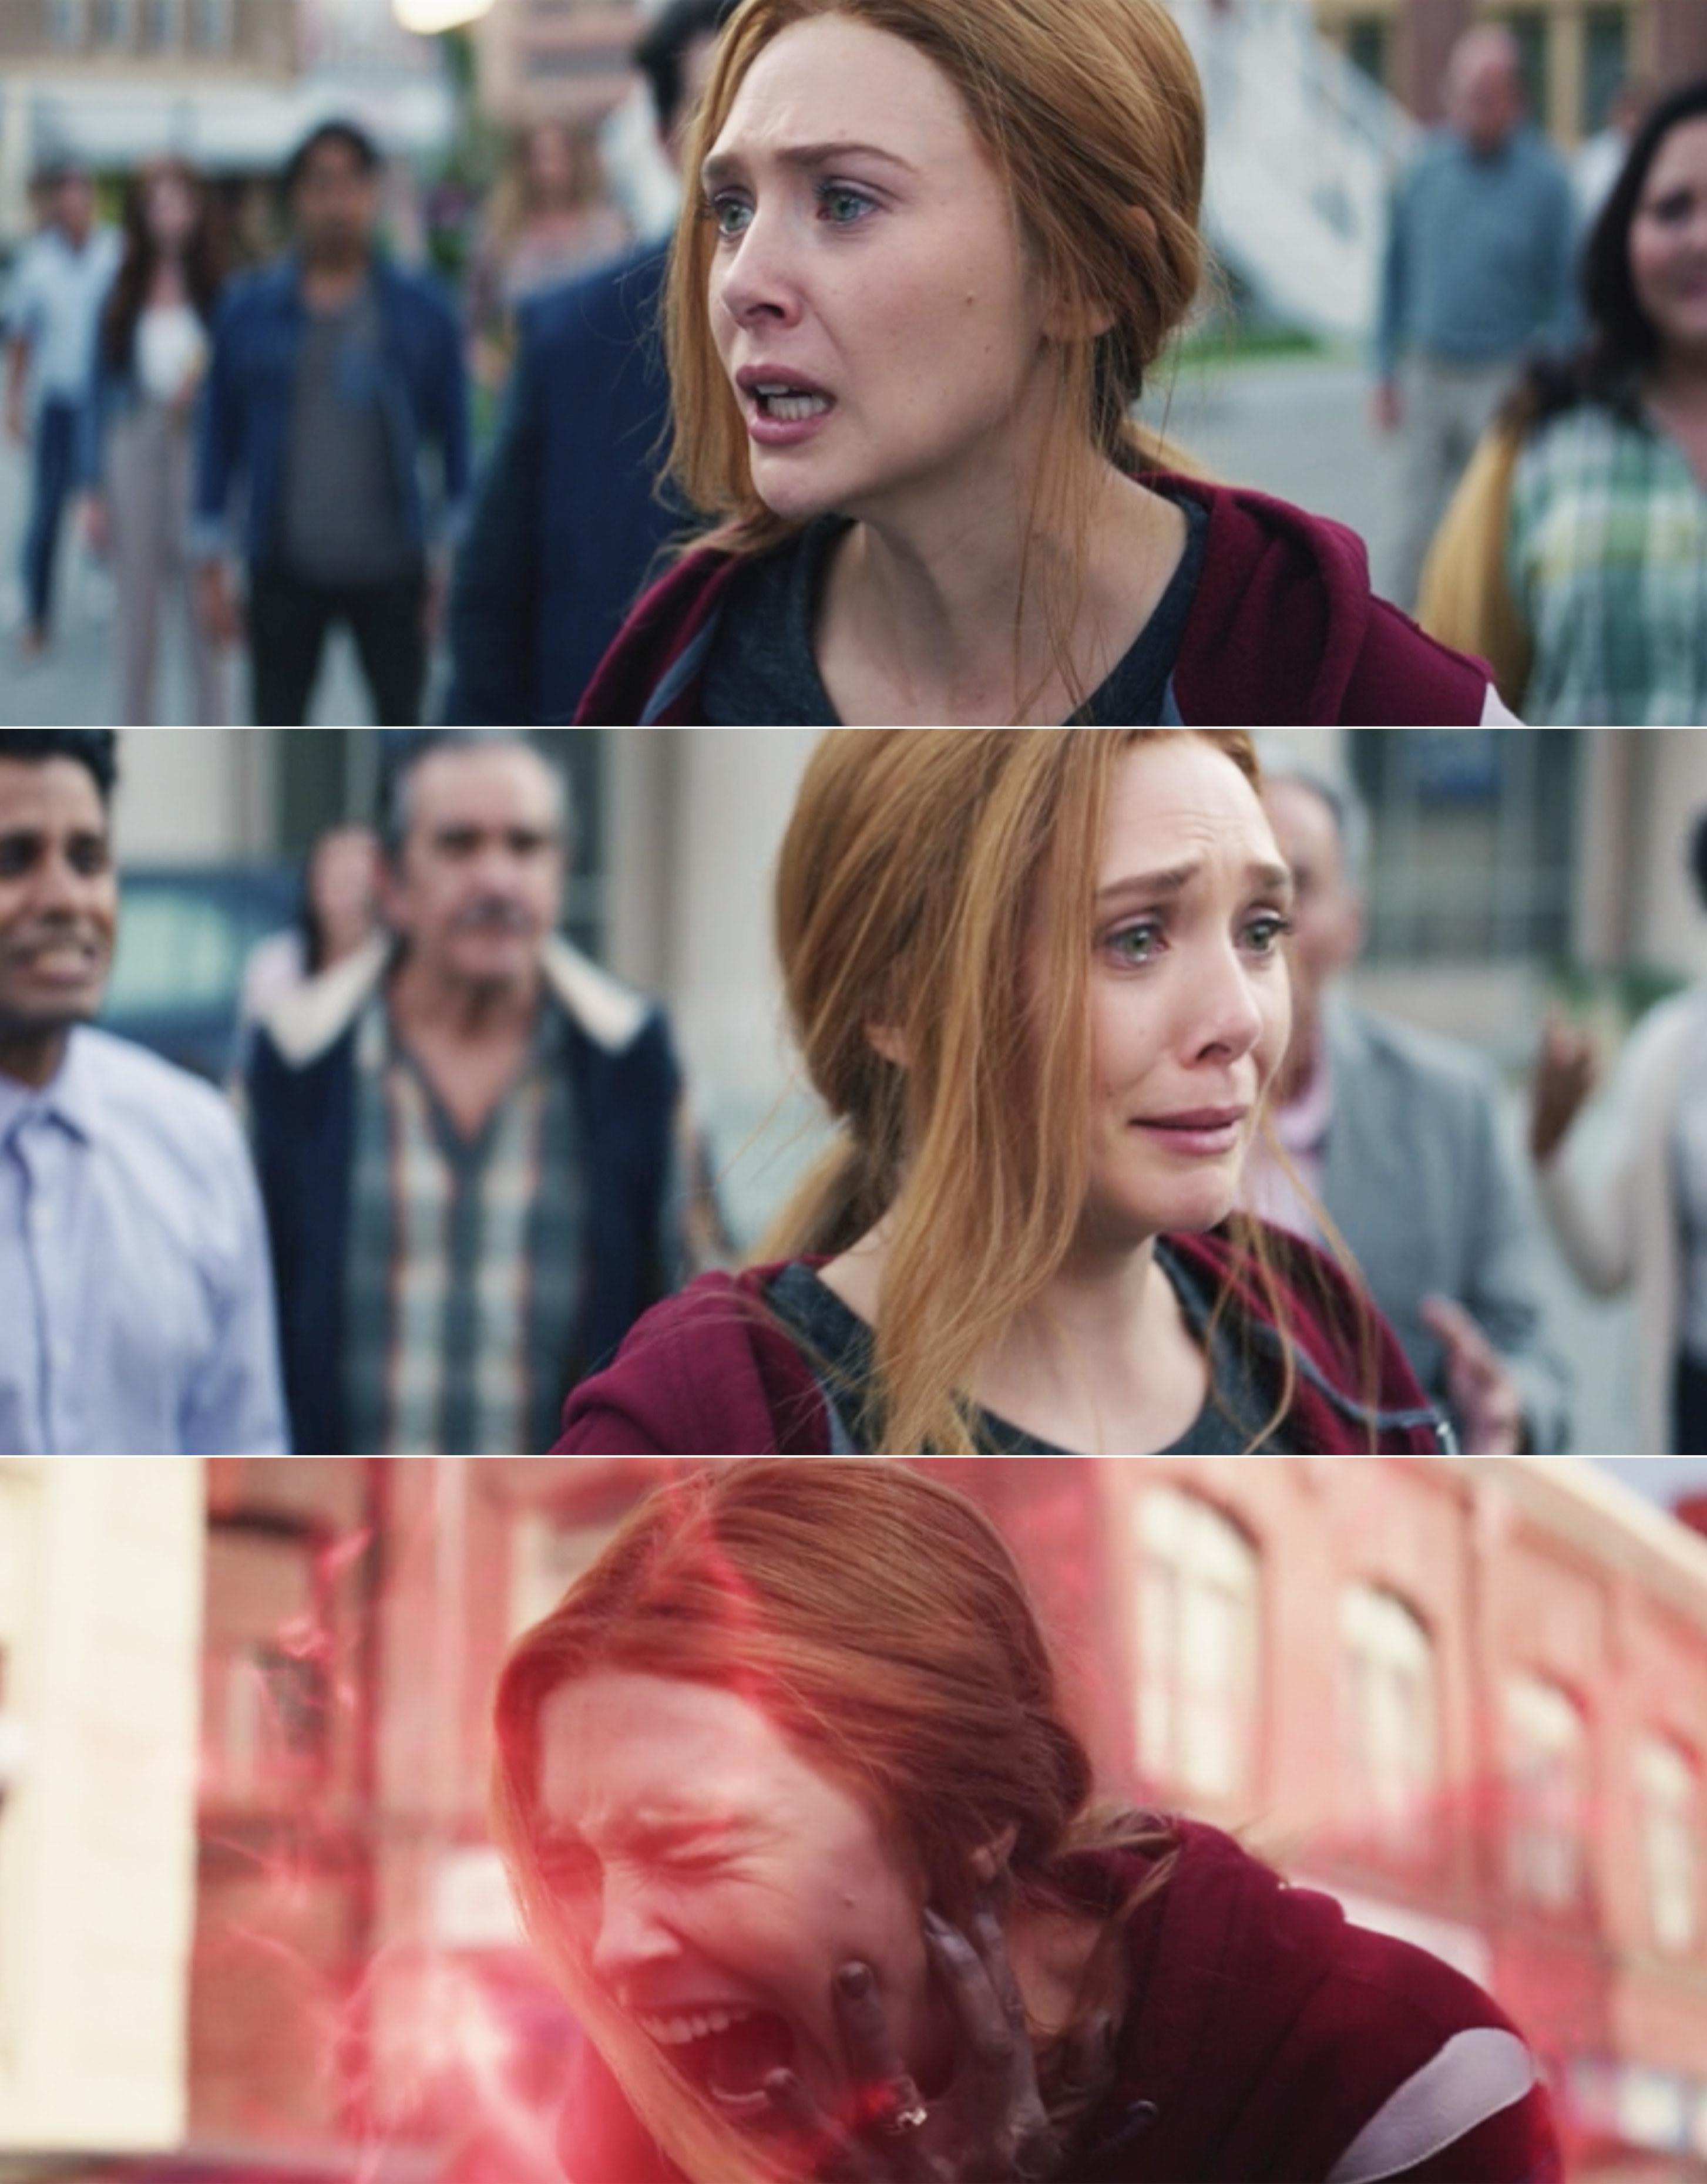 Wanda crying and screaming